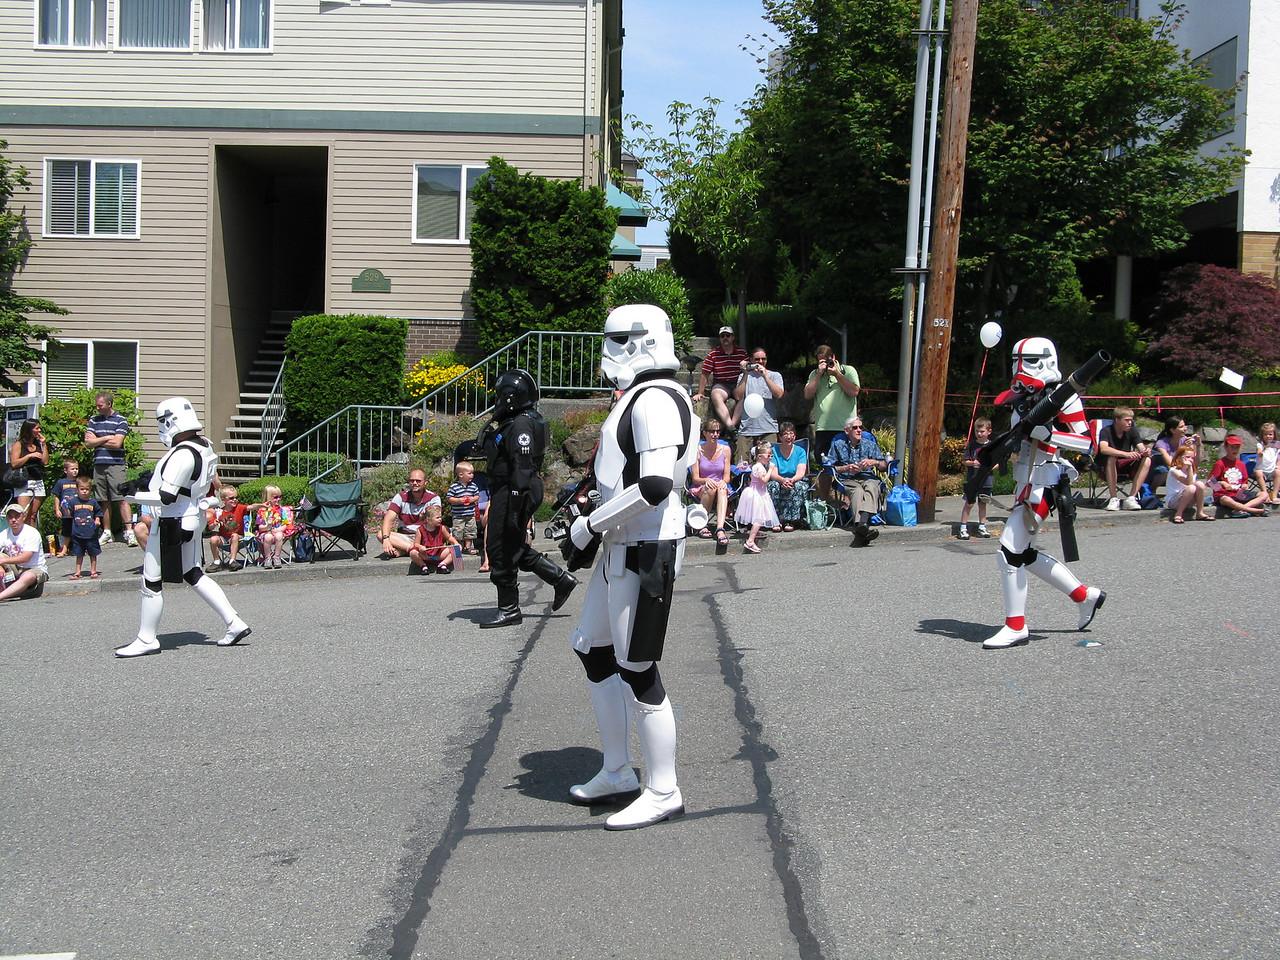 09 07 04 parade 003